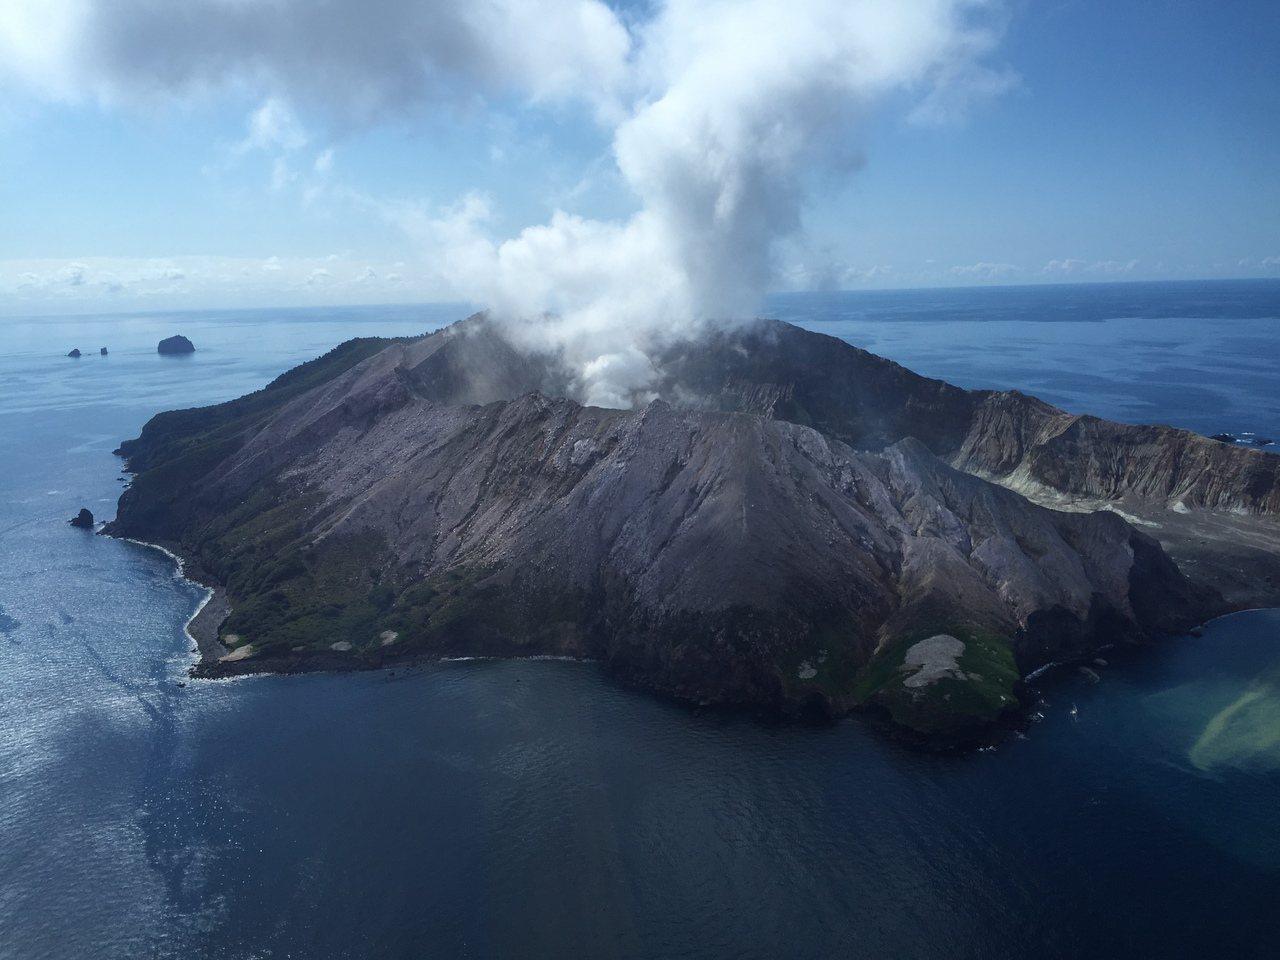 紐西蘭懷特島火山9日突然噴發,造成多人傷亡。新華社